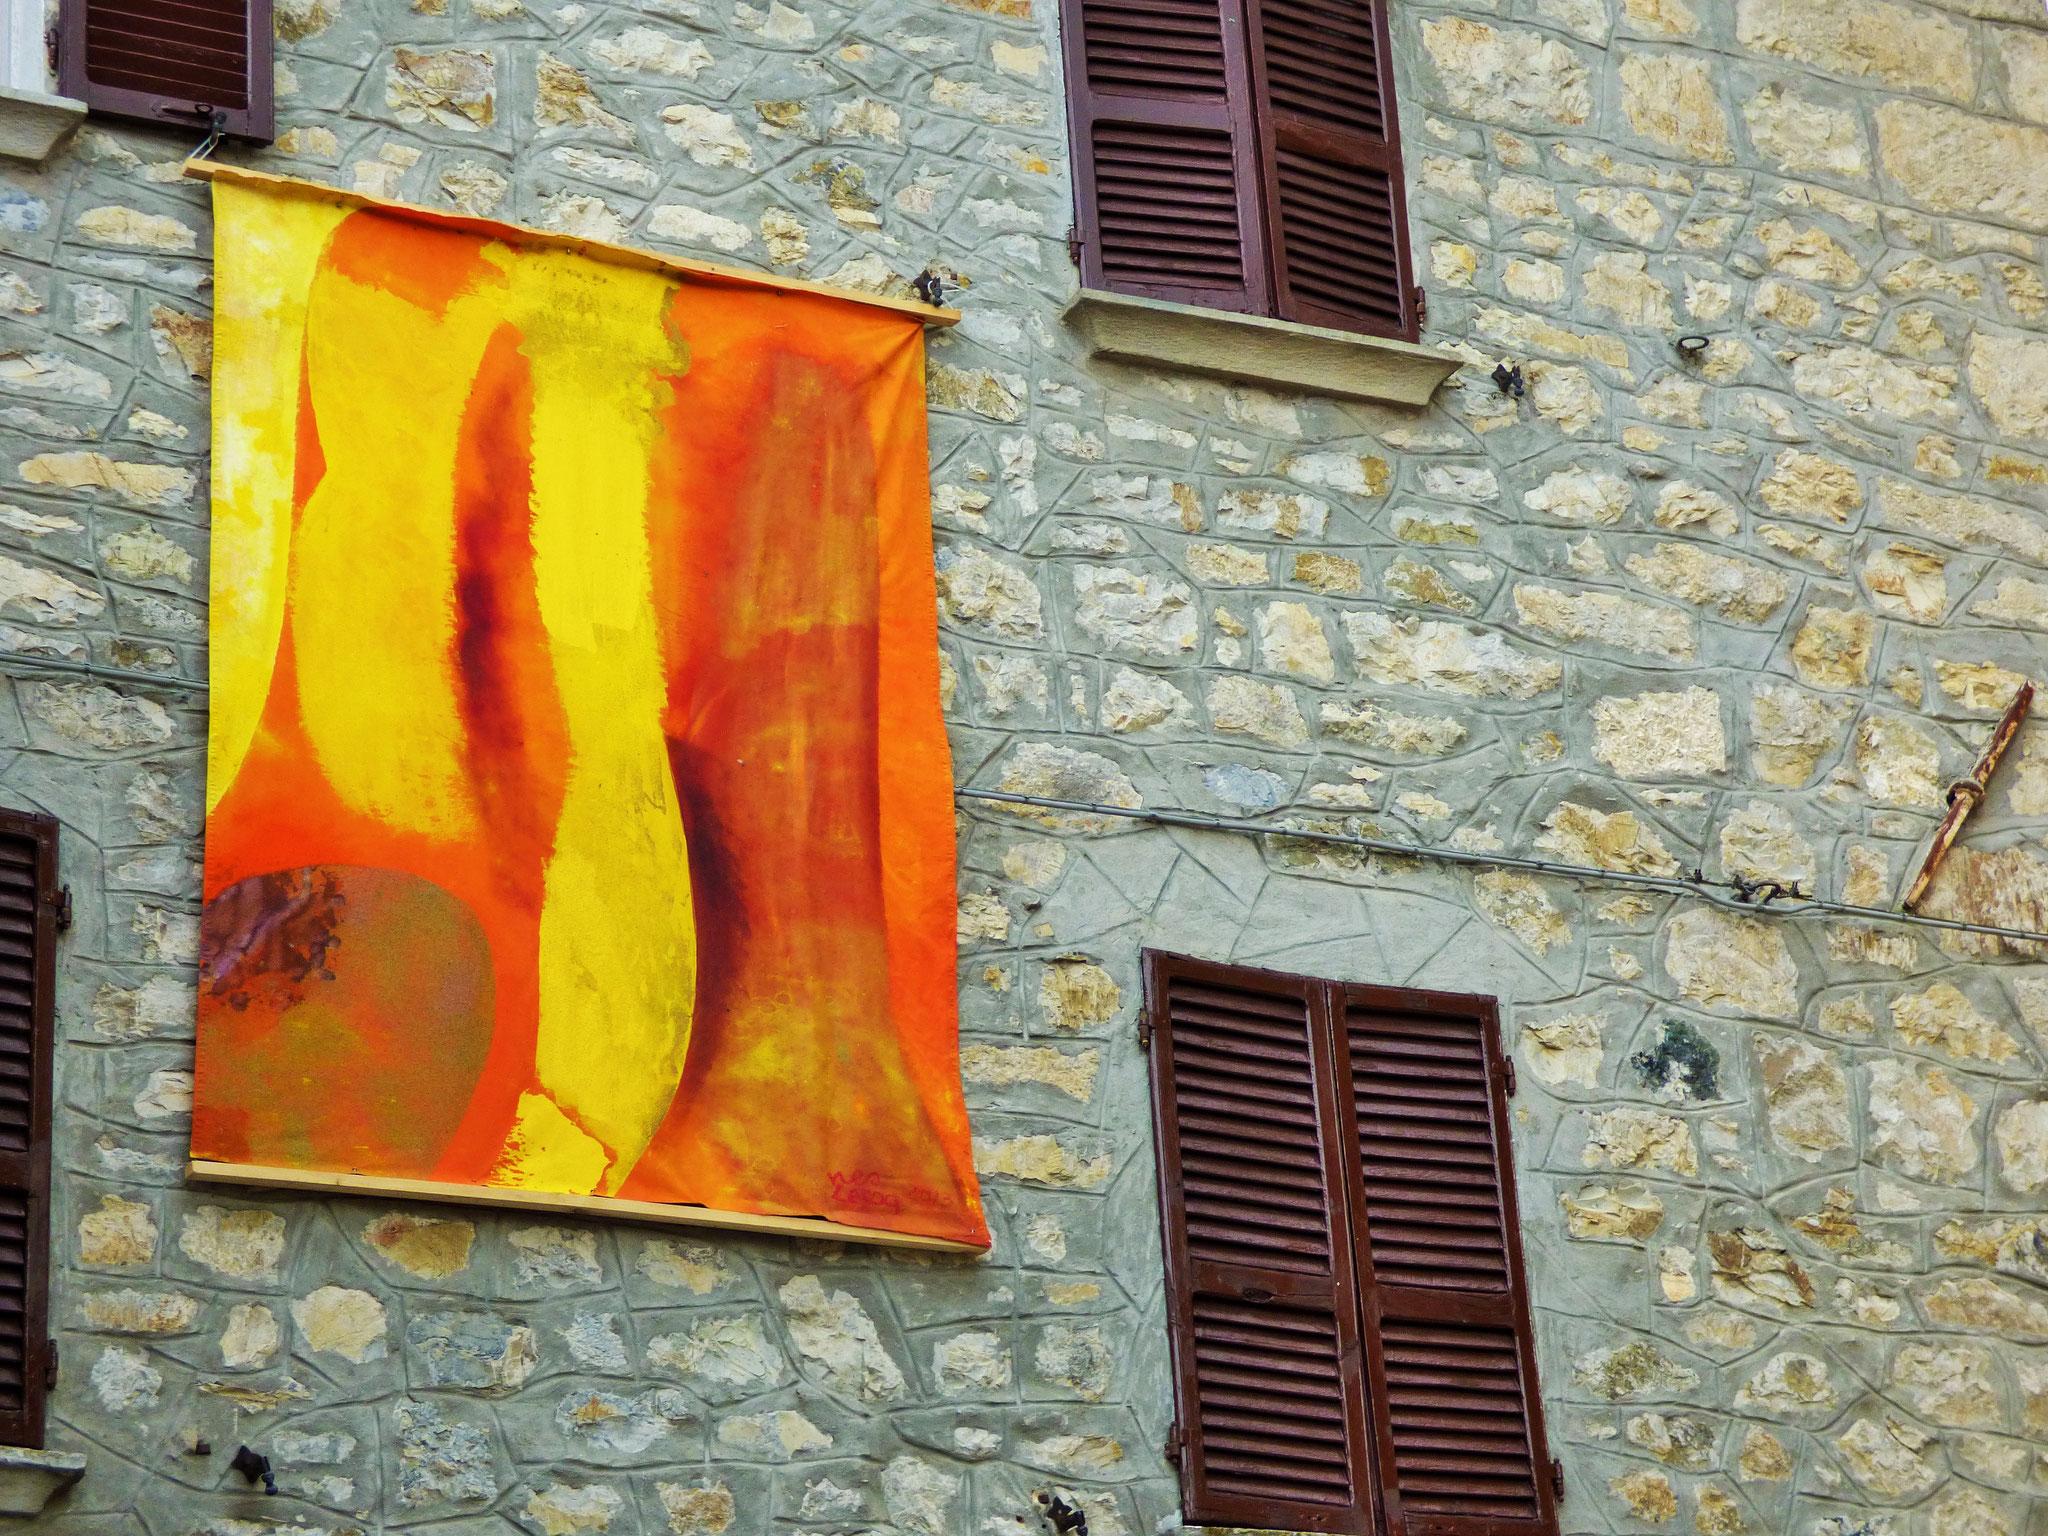 Cerignale (PC)    Mercatino nelle Cantine 2018 - 10-11-12 agosto   esposizioni Artistiche e artigianali